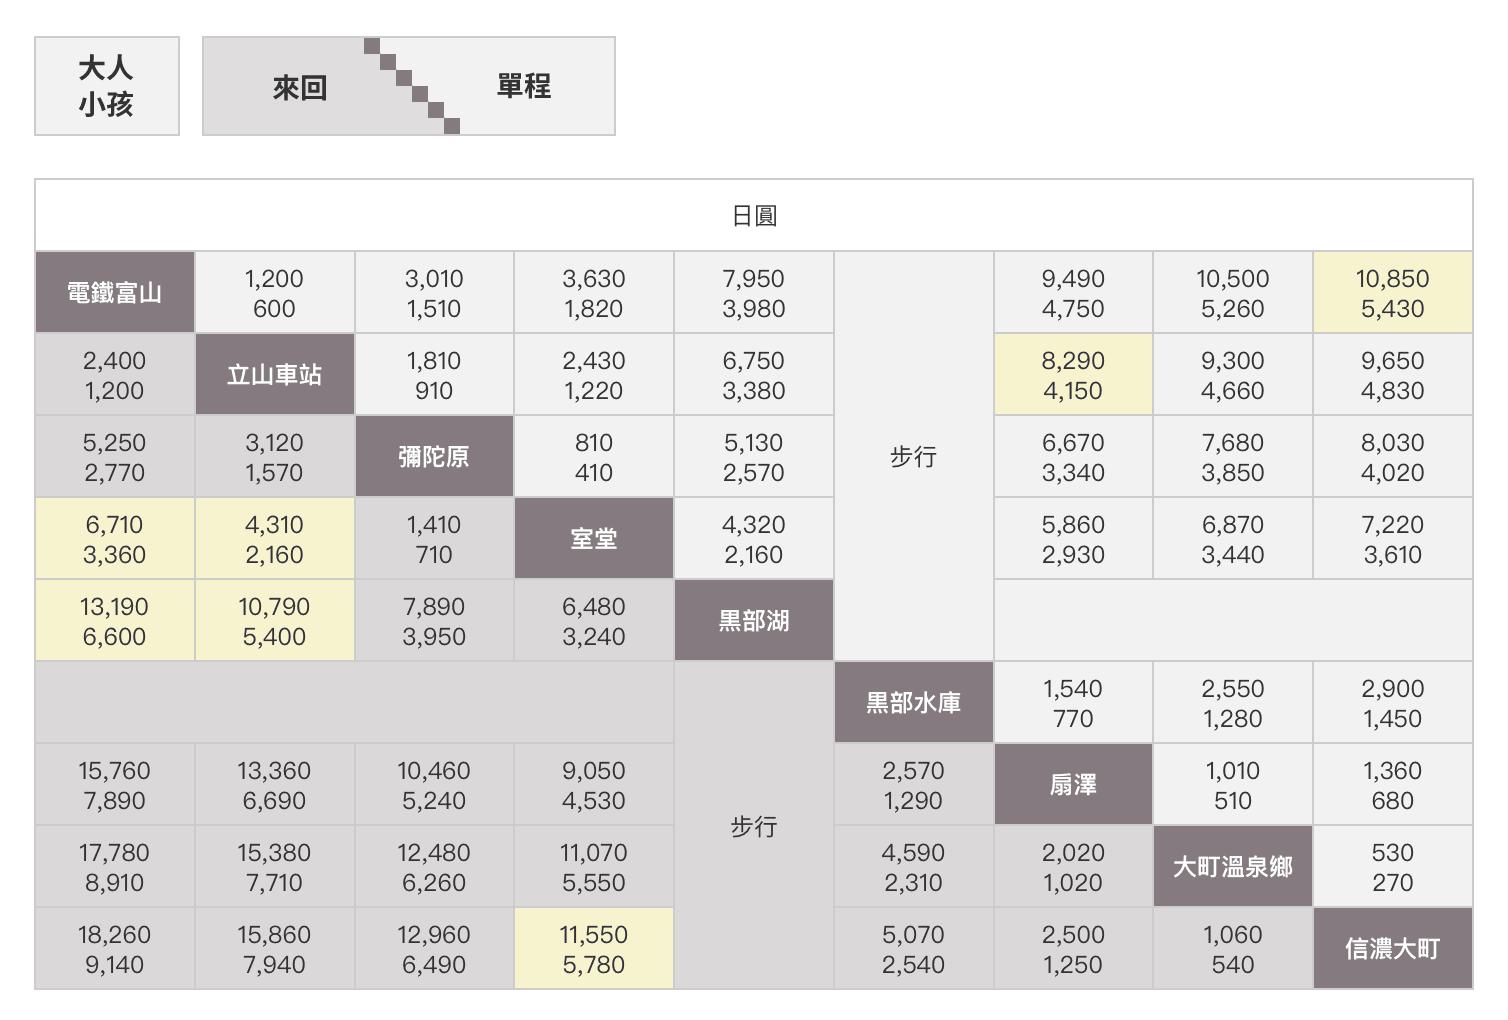 立山黑部套票價目表。(圖片來源:立山黑部官網)